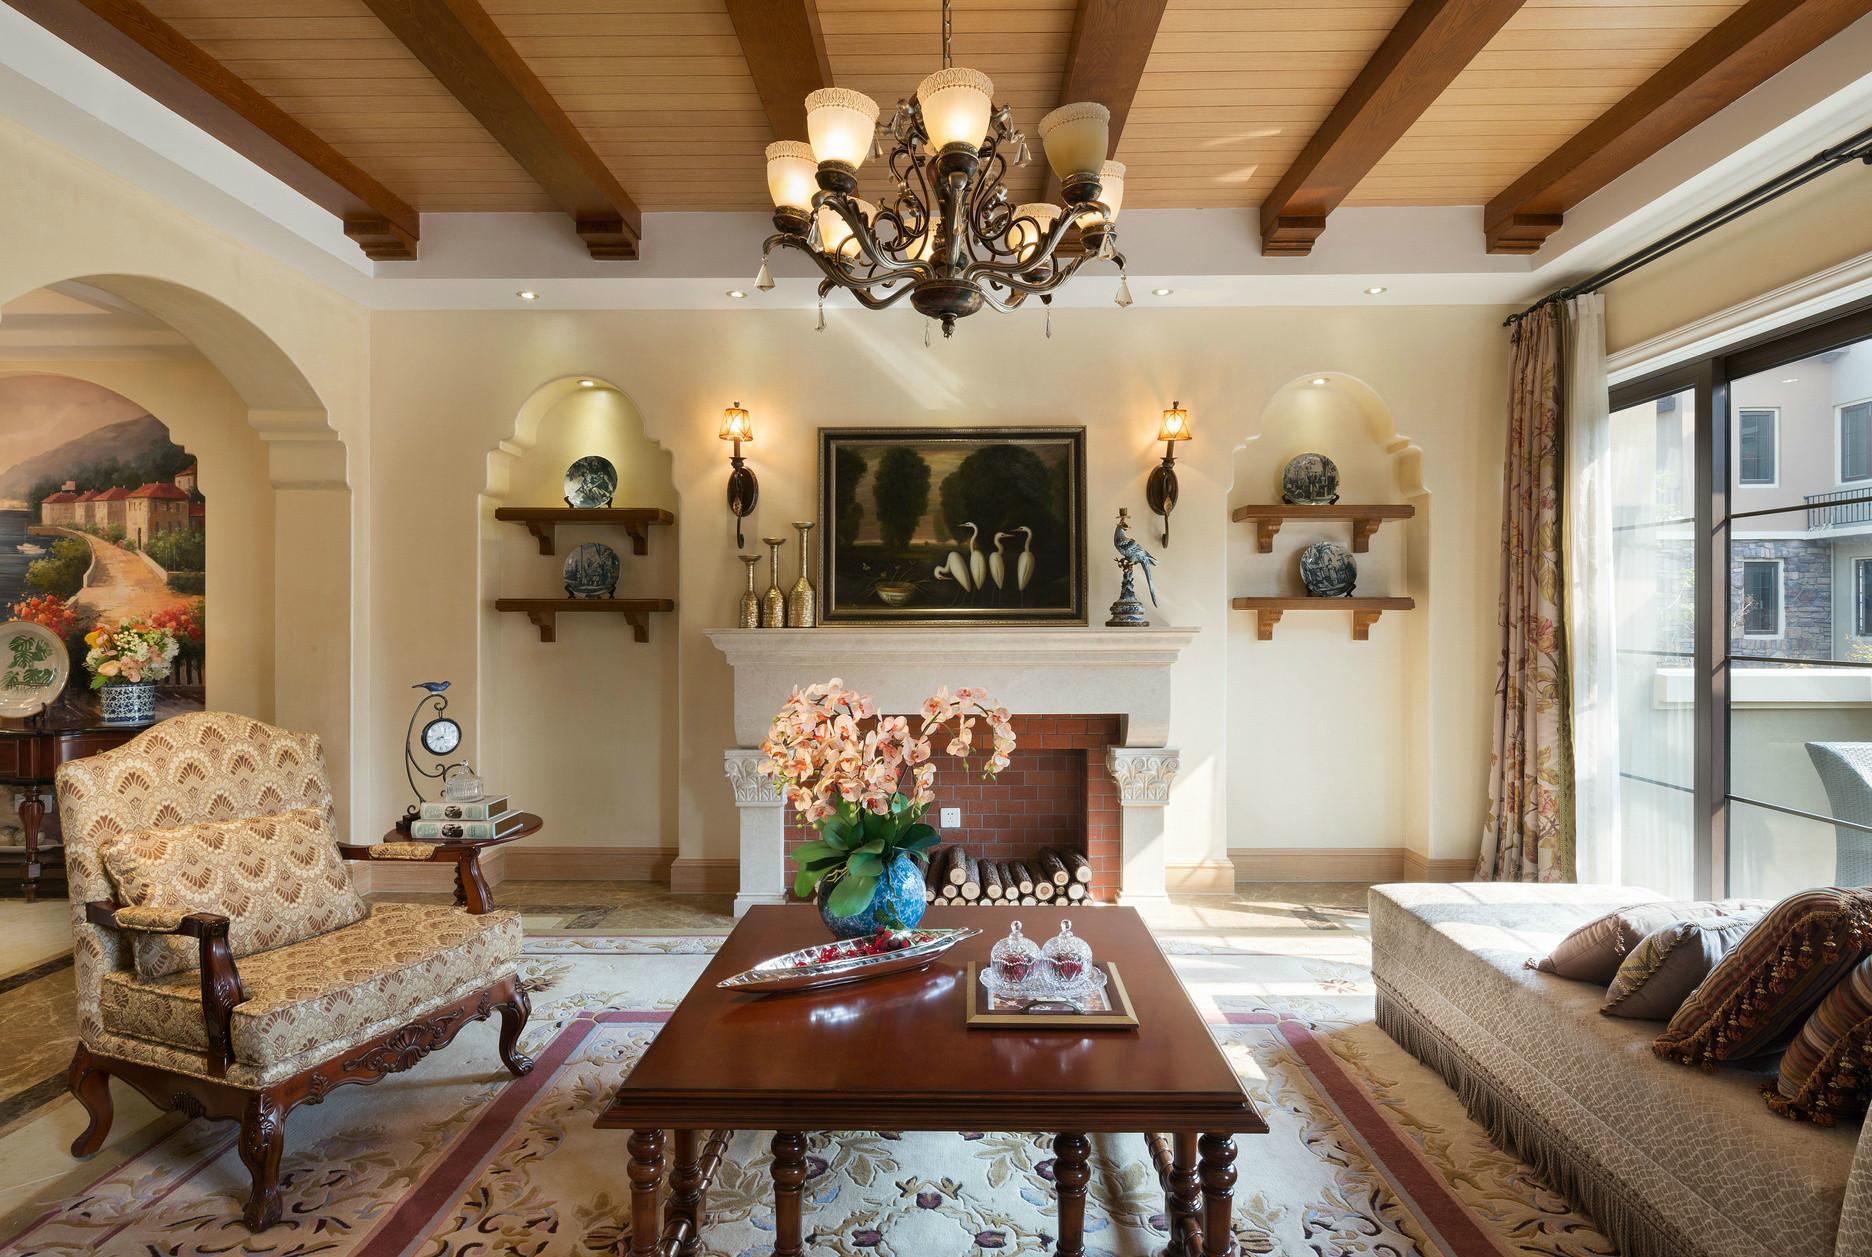 餐厅 实木型餐桌,餐桌上的绿色花瓶,整体给人一种清新浪漫的小情调。也在视觉上也保留了空间的简洁、完整。  主卧 主卧里面专门设置的小的衣帽间来提升空间品位,简约的布置及恰到好处的颜色搭配,让整个空间看起来非常清爽。  懒人沙发单人、榻榻米的窗户设计更是点睛之笔。